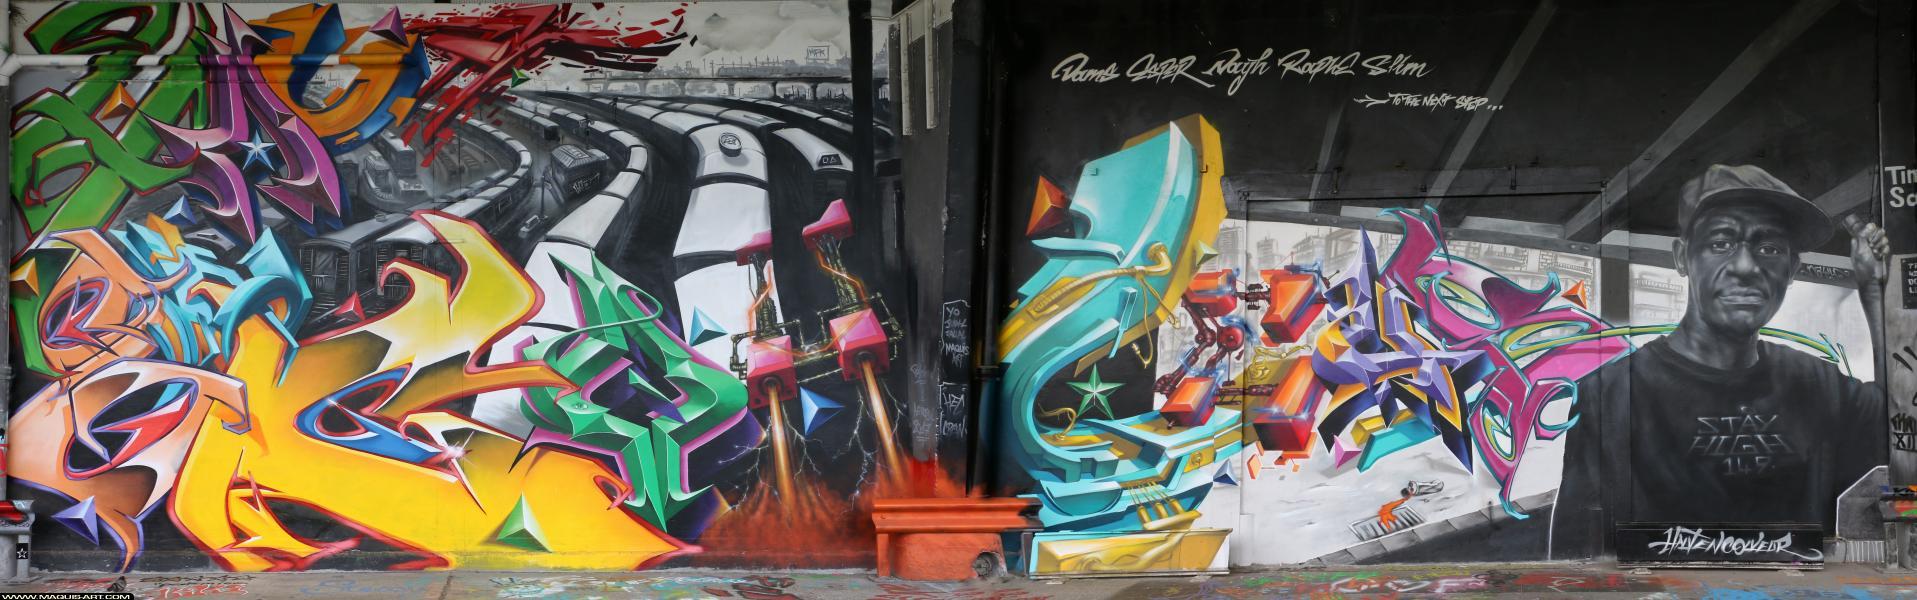 Photo de RAPHE, CALIGR, HEC, réalisée au Maquis-art Wall of fame - L'aérosol, Paris